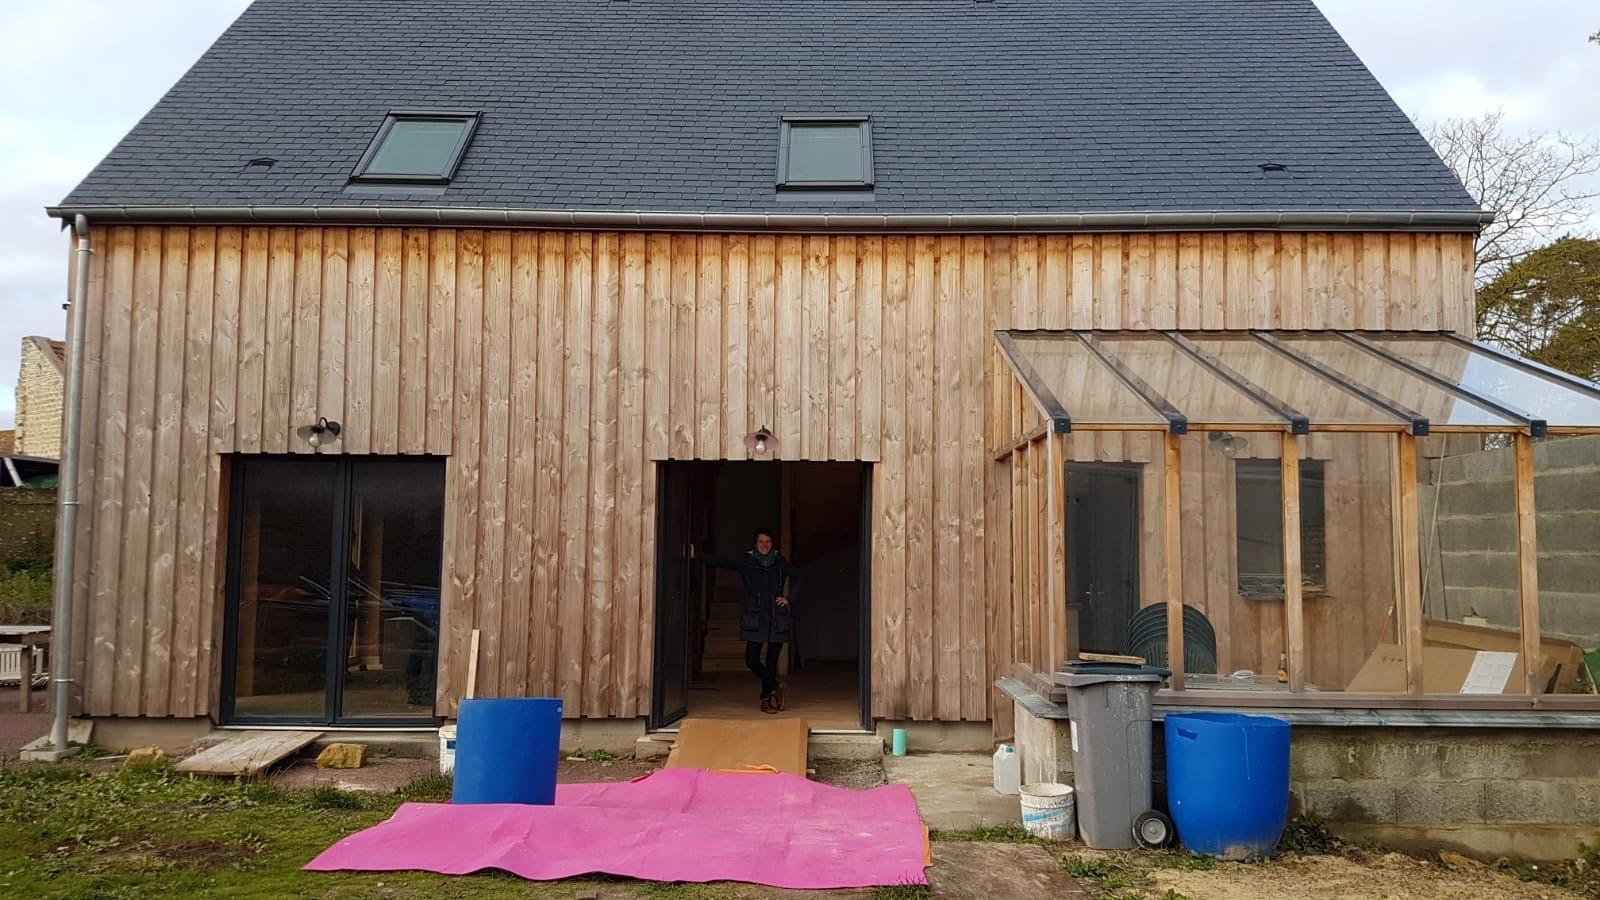 Maison ossature bois, isolation paille